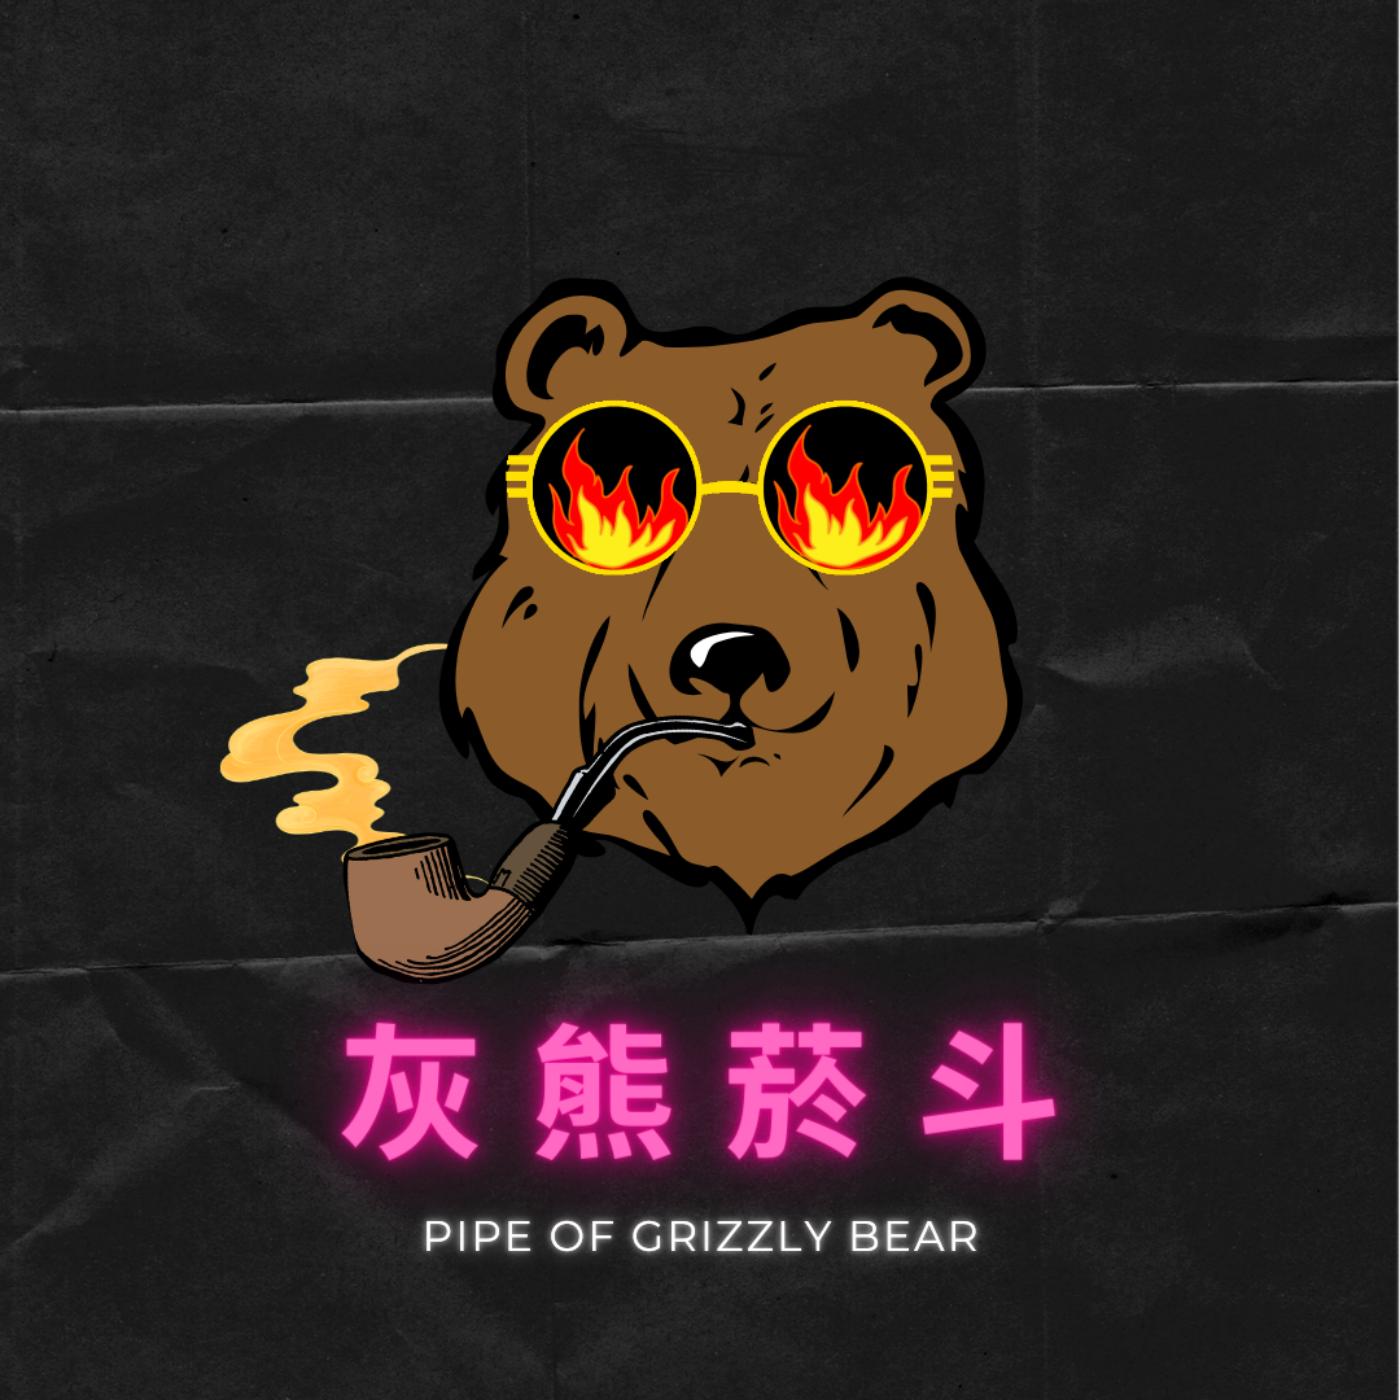 灰熊菸斗-投資金價派